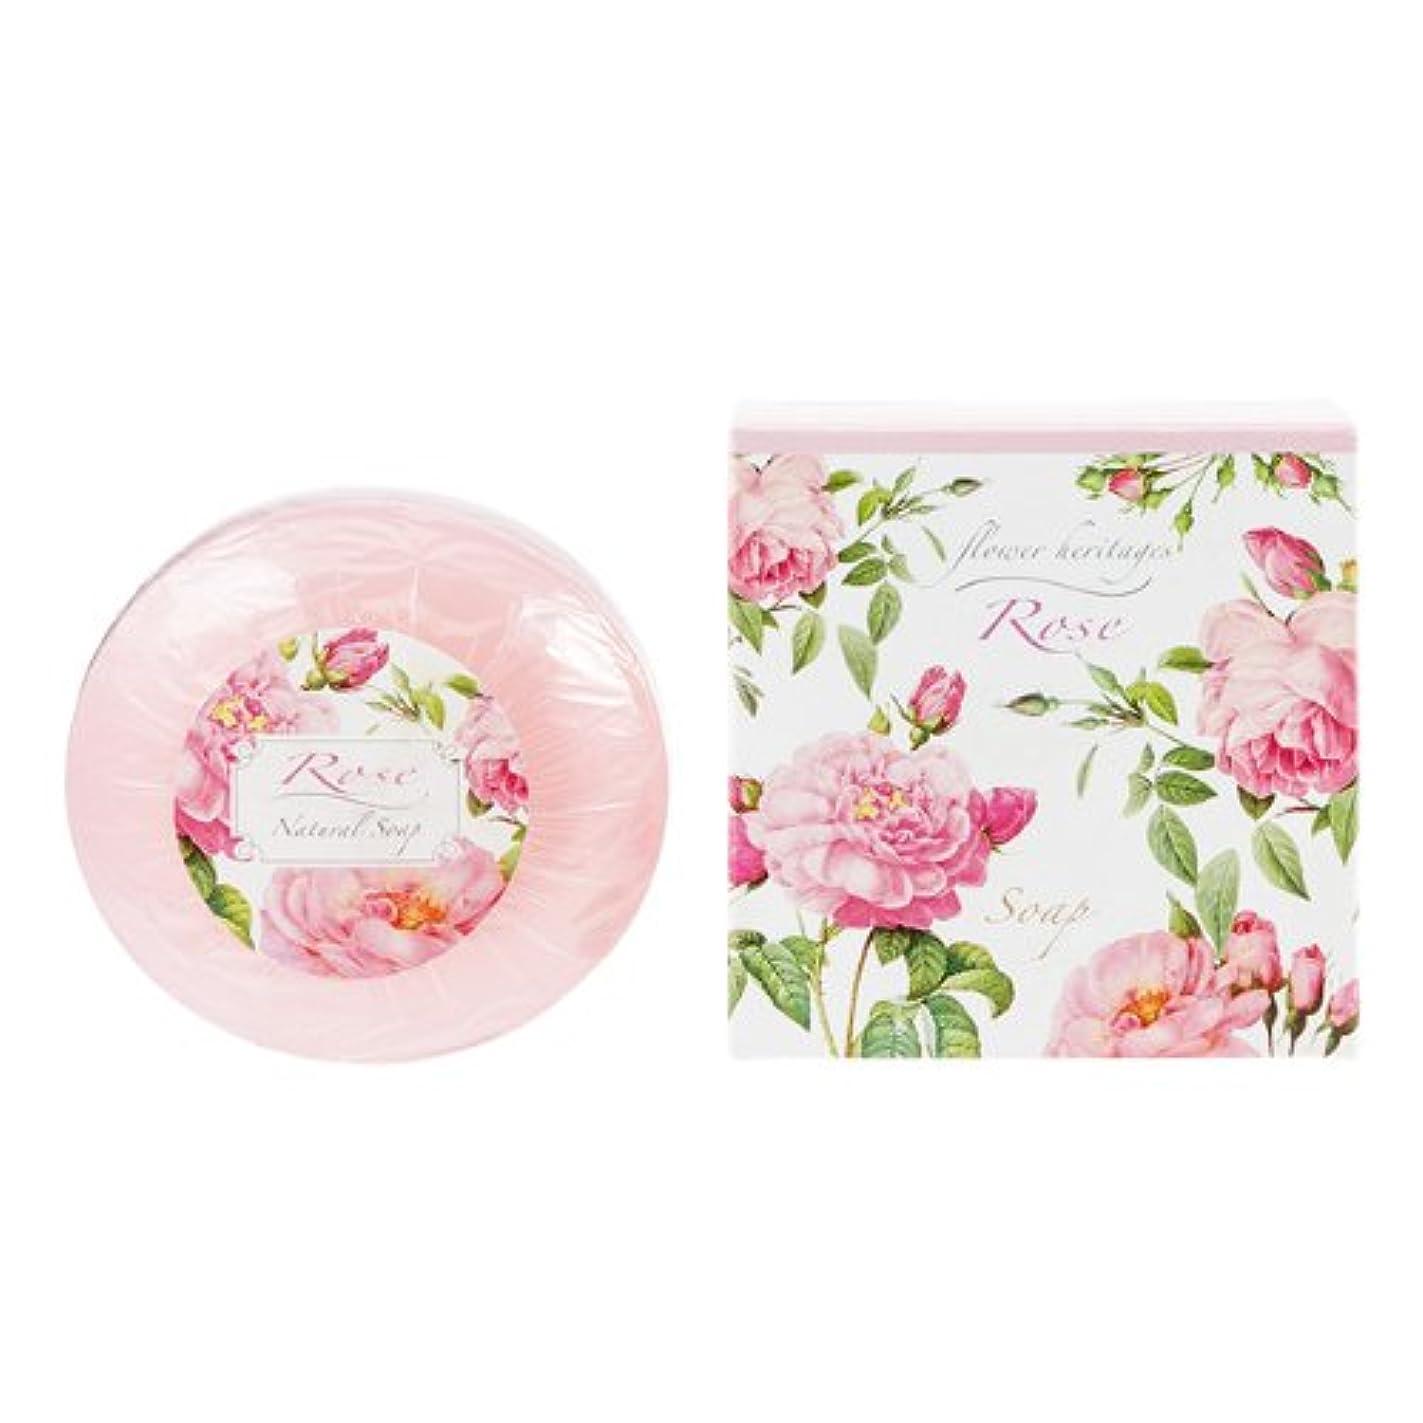 後者独立して女性ネイチャータッチ (Nature Touch) Flower Heritage ソープ120g/ローズ